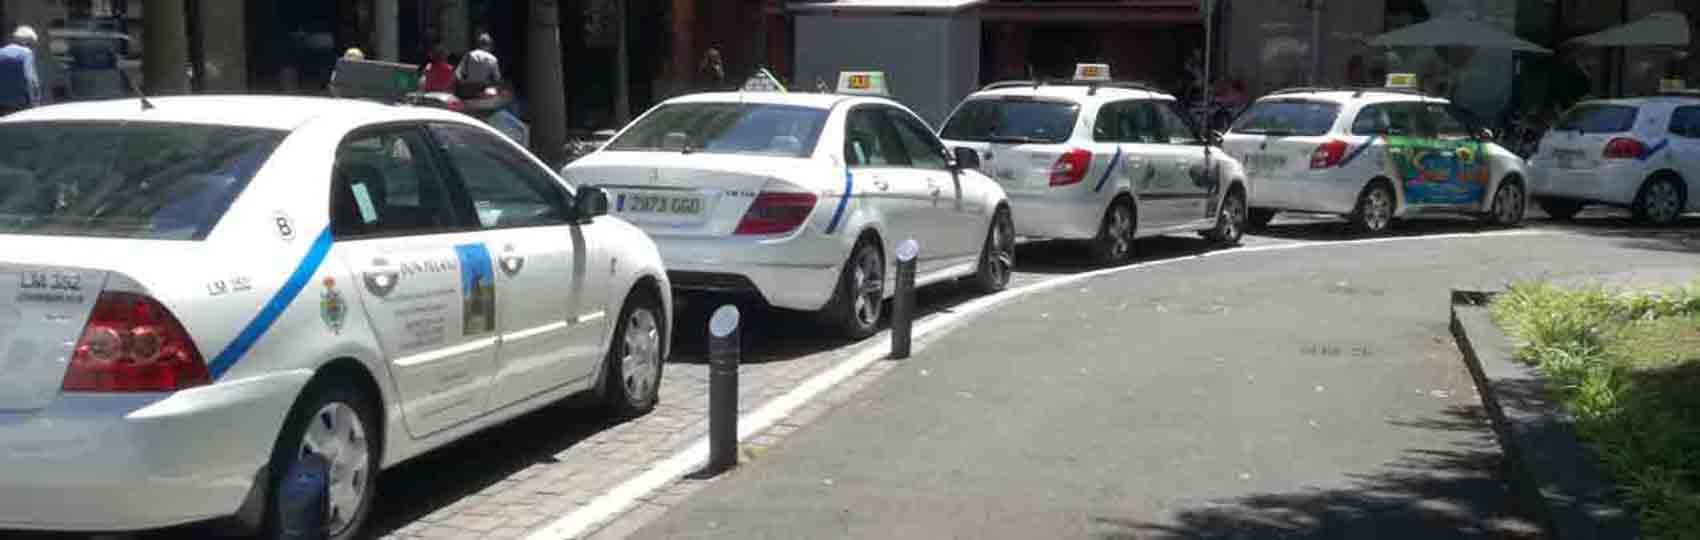 Noticias del sector del taxi y la movilidad en Tenerife. Mantente informado de todas las noticias del taxi de Tenerife en el grupo de Facebook de Todo Taxi.